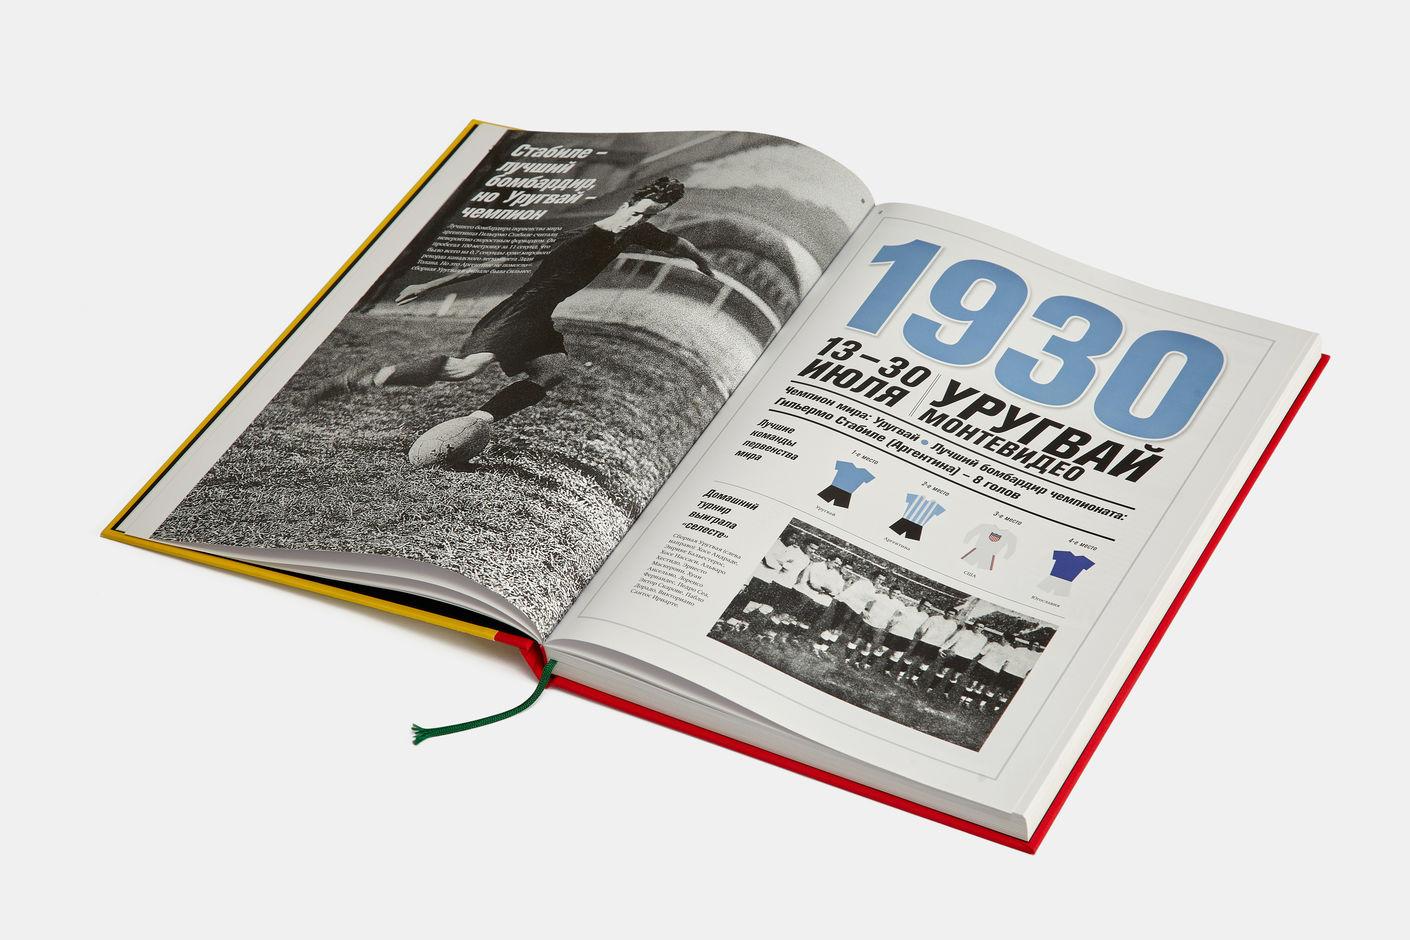 Подарочная книга Футбол. Чемпионаты мира 1930-2014, Агей Томеш, Лаборатория дизайна НИУ ВШЭ